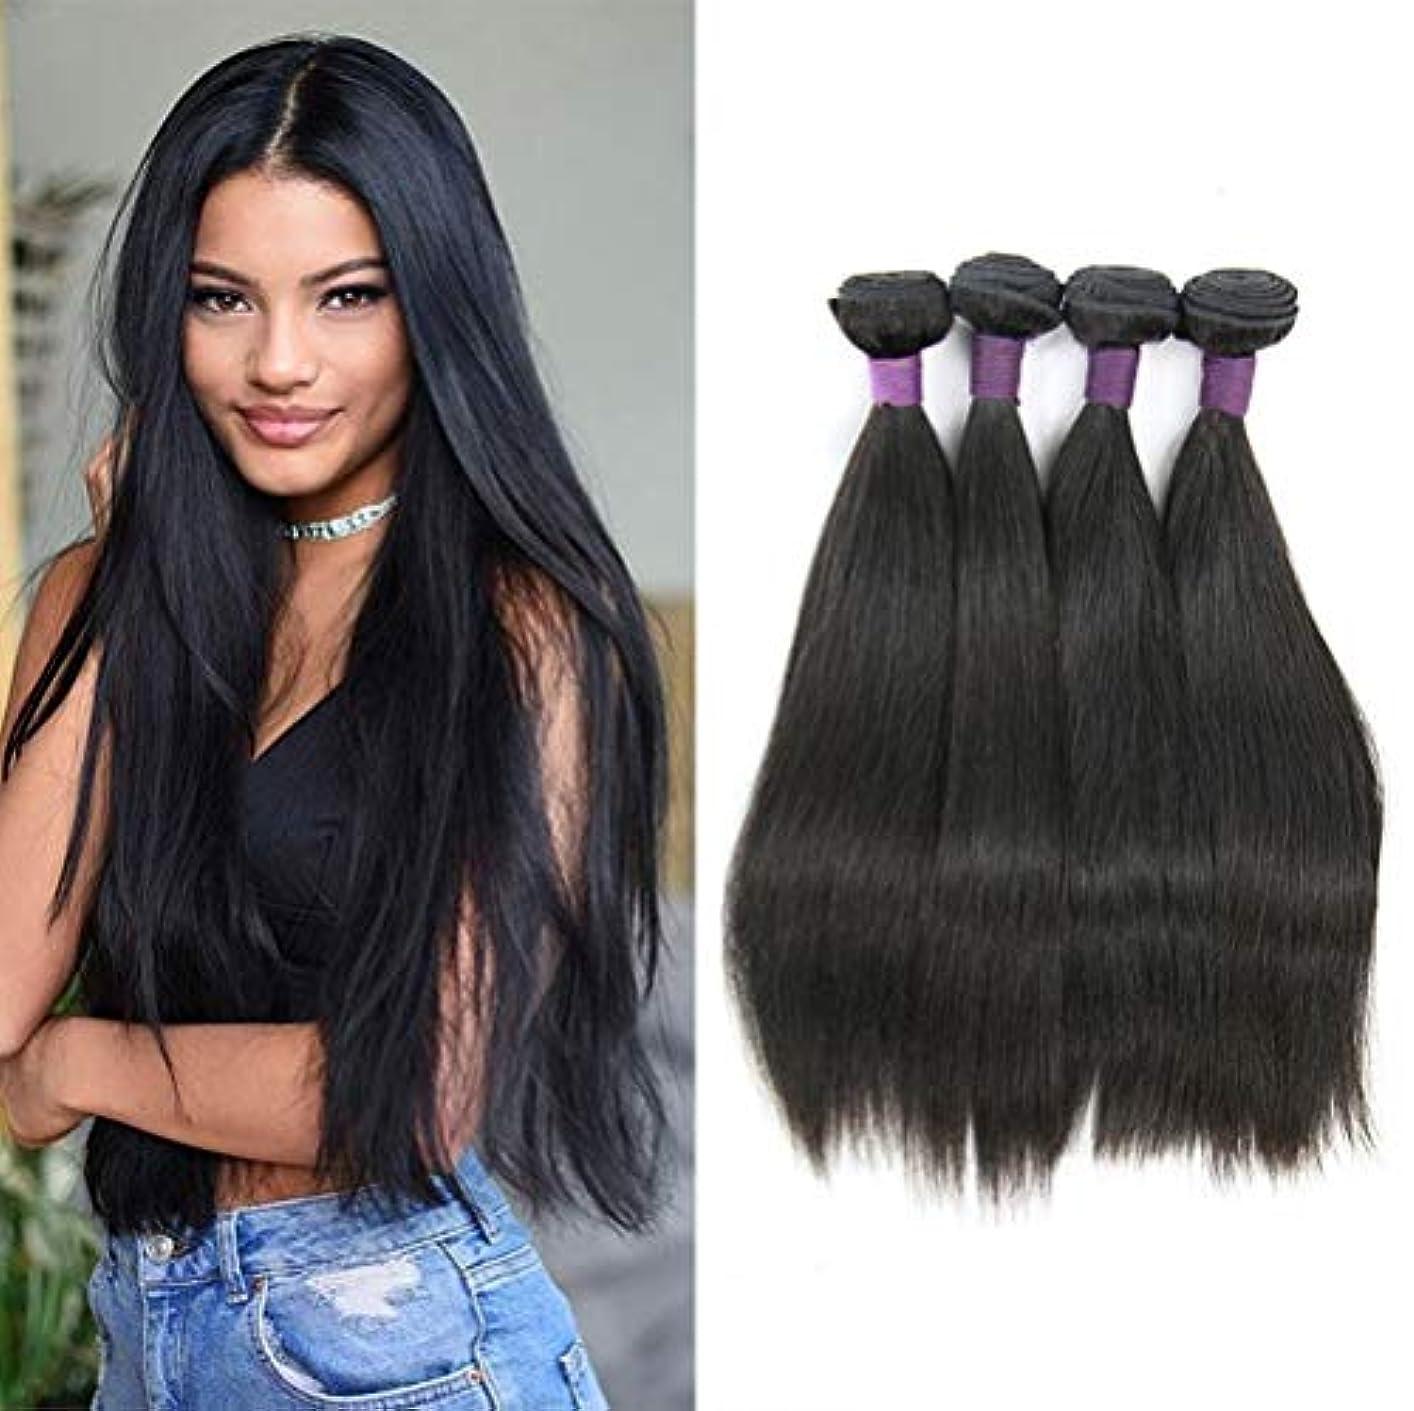 充実透明に粗い毛織り130%密度1束で閉鎖ストレートレミー毛髪で閉鎖人間の毛髪延長ナチュラルダブル横糸